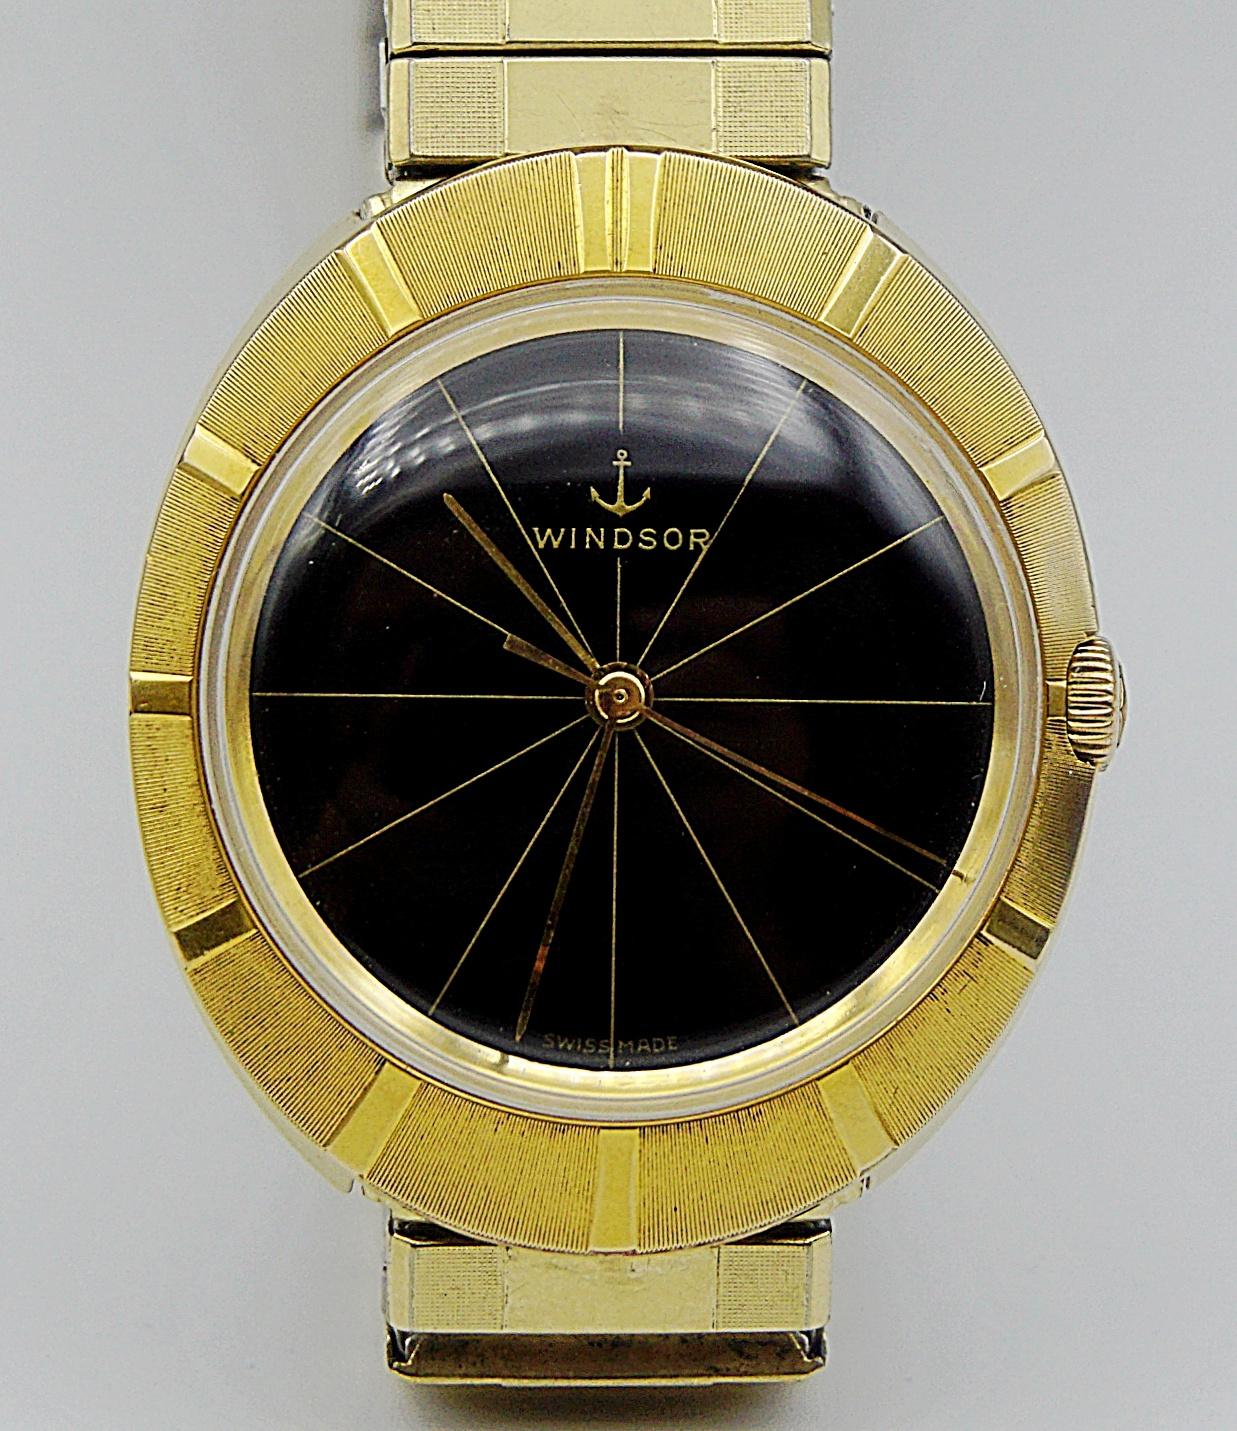 นาฬิกาเก่า WINDSOR ไขลาน